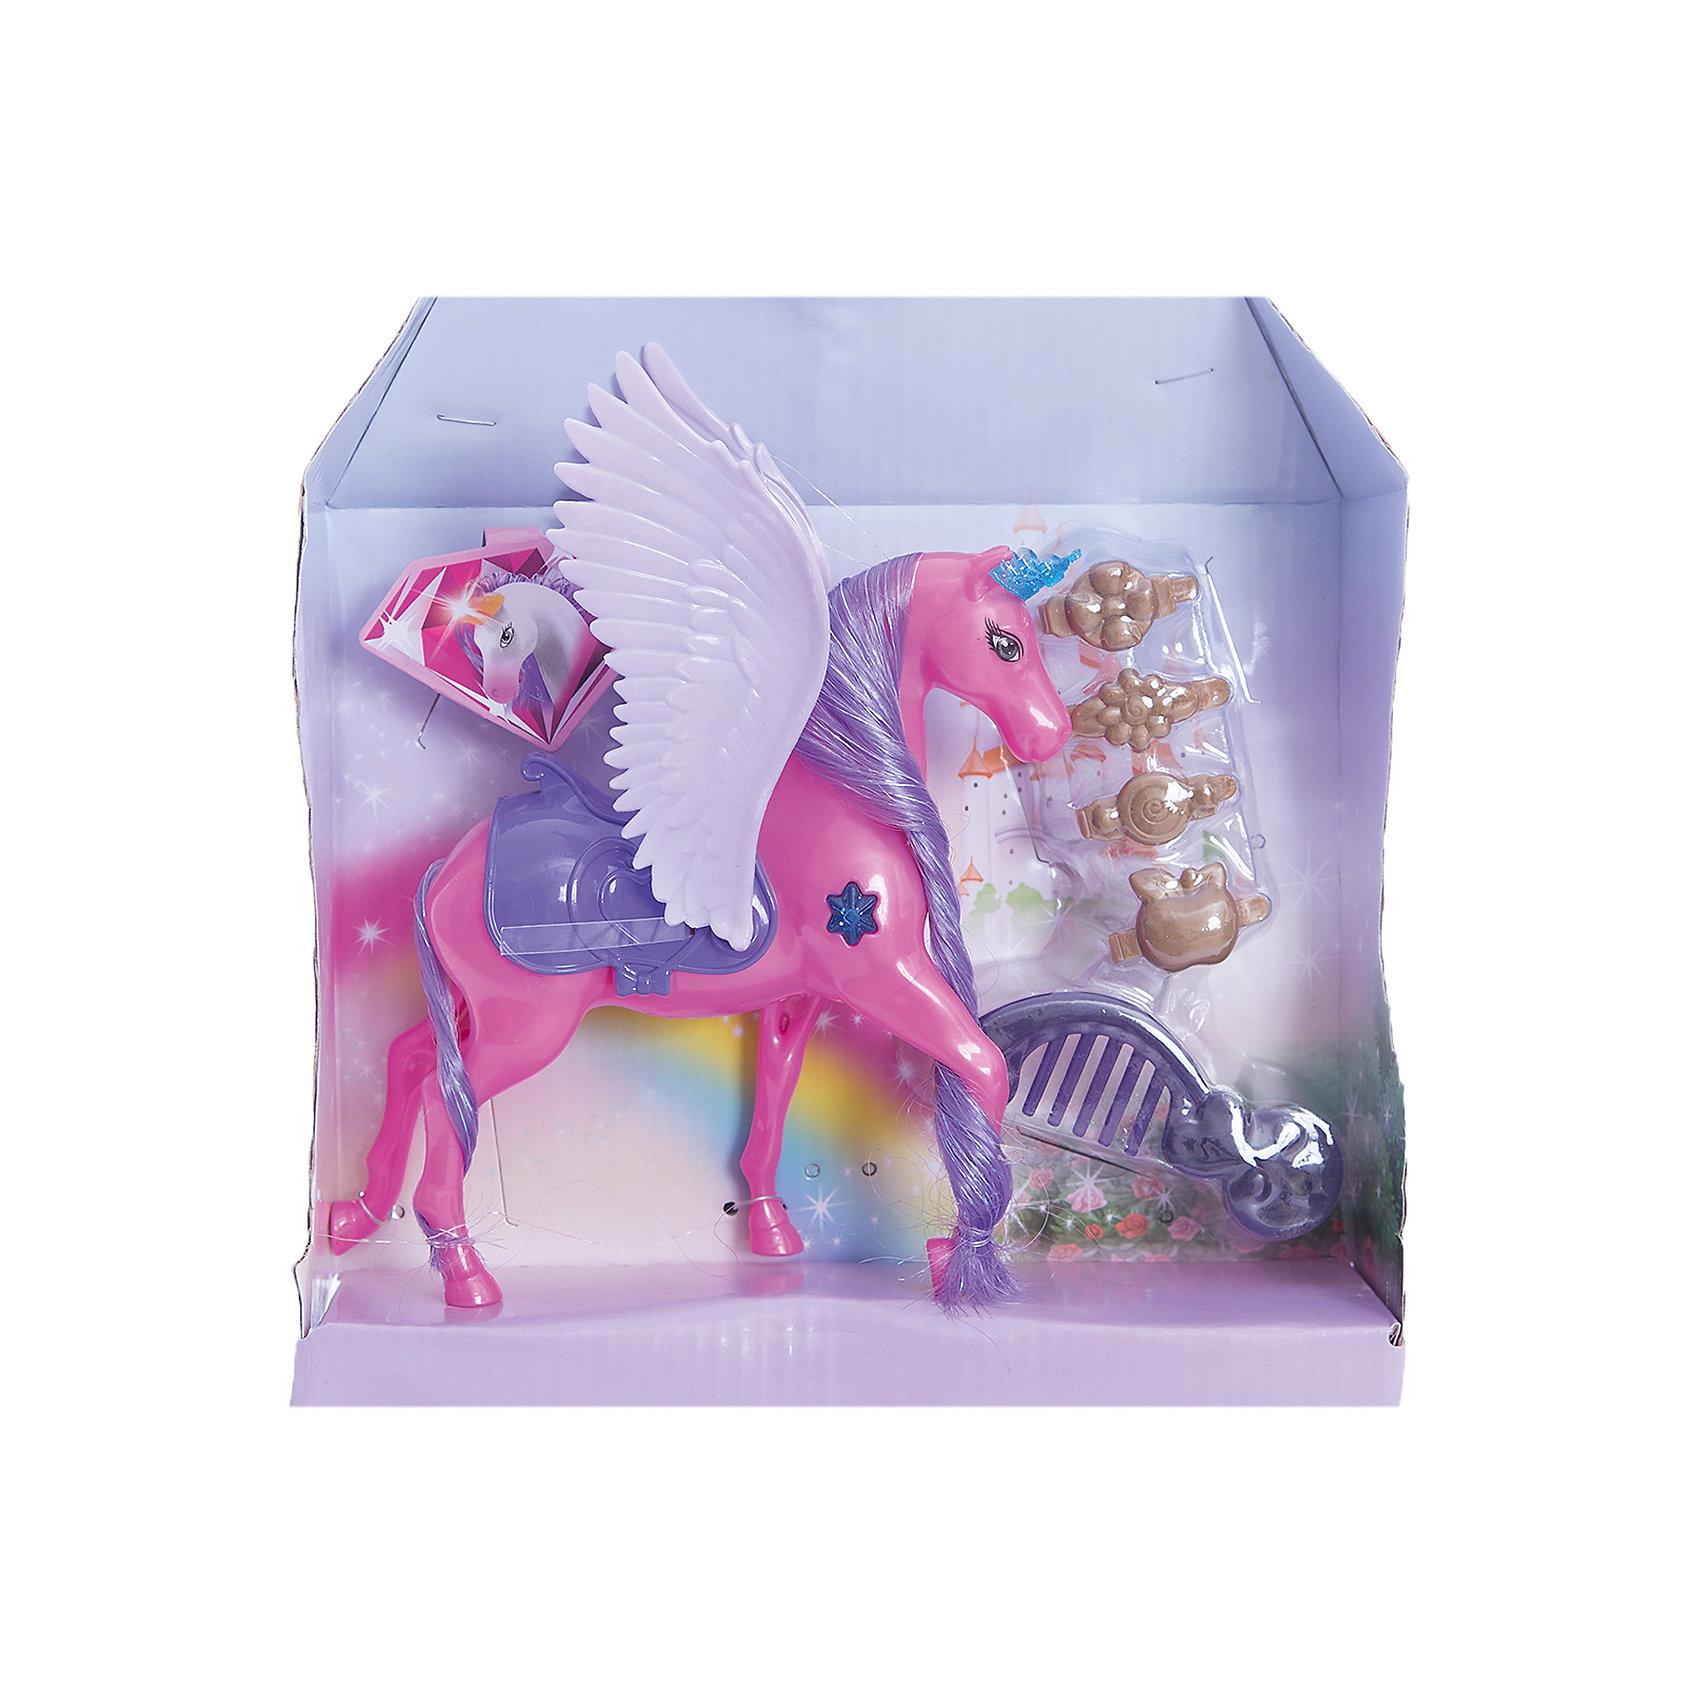 Набор  Страна волшебных друзей: лошадка с крыльями, EstaBellaНабор Страна волшебных друзей: лошадка с крыльями, EstaBella (Эстабелла).<br><br>Характеристики:<br><br>• яркий дизайн<br>• выполнена из нетоксичных материалов<br>• в комплекте: лошадка, аксессуары<br>• материал: пластик, текстиль<br>• размер упаковки: 22х6х25 см<br>• вес: 170 грамм<br><br>Лошадка EstaBella подарит девочке море положительных эмоций. Яркую лошадка имеет огромные крылья и длинную гриву, которую можно расчесывать. Кроме того, лошадка имеет уютное седло, в котором можно прокатить любимую куклу. Эта лошадка откроет двери в сказочный мир волшебства и фантазии!<br><br>Набор Страна волшебных друзей: лошадка с крыльями, EstaBella (Эстабелла) вы можете купить в нашем интернет-магазине.<br><br>Ширина мм: 250<br>Глубина мм: 60<br>Высота мм: 220<br>Вес г: 170<br>Возраст от месяцев: 36<br>Возраст до месяцев: 120<br>Пол: Женский<br>Возраст: Детский<br>SKU: 5017686